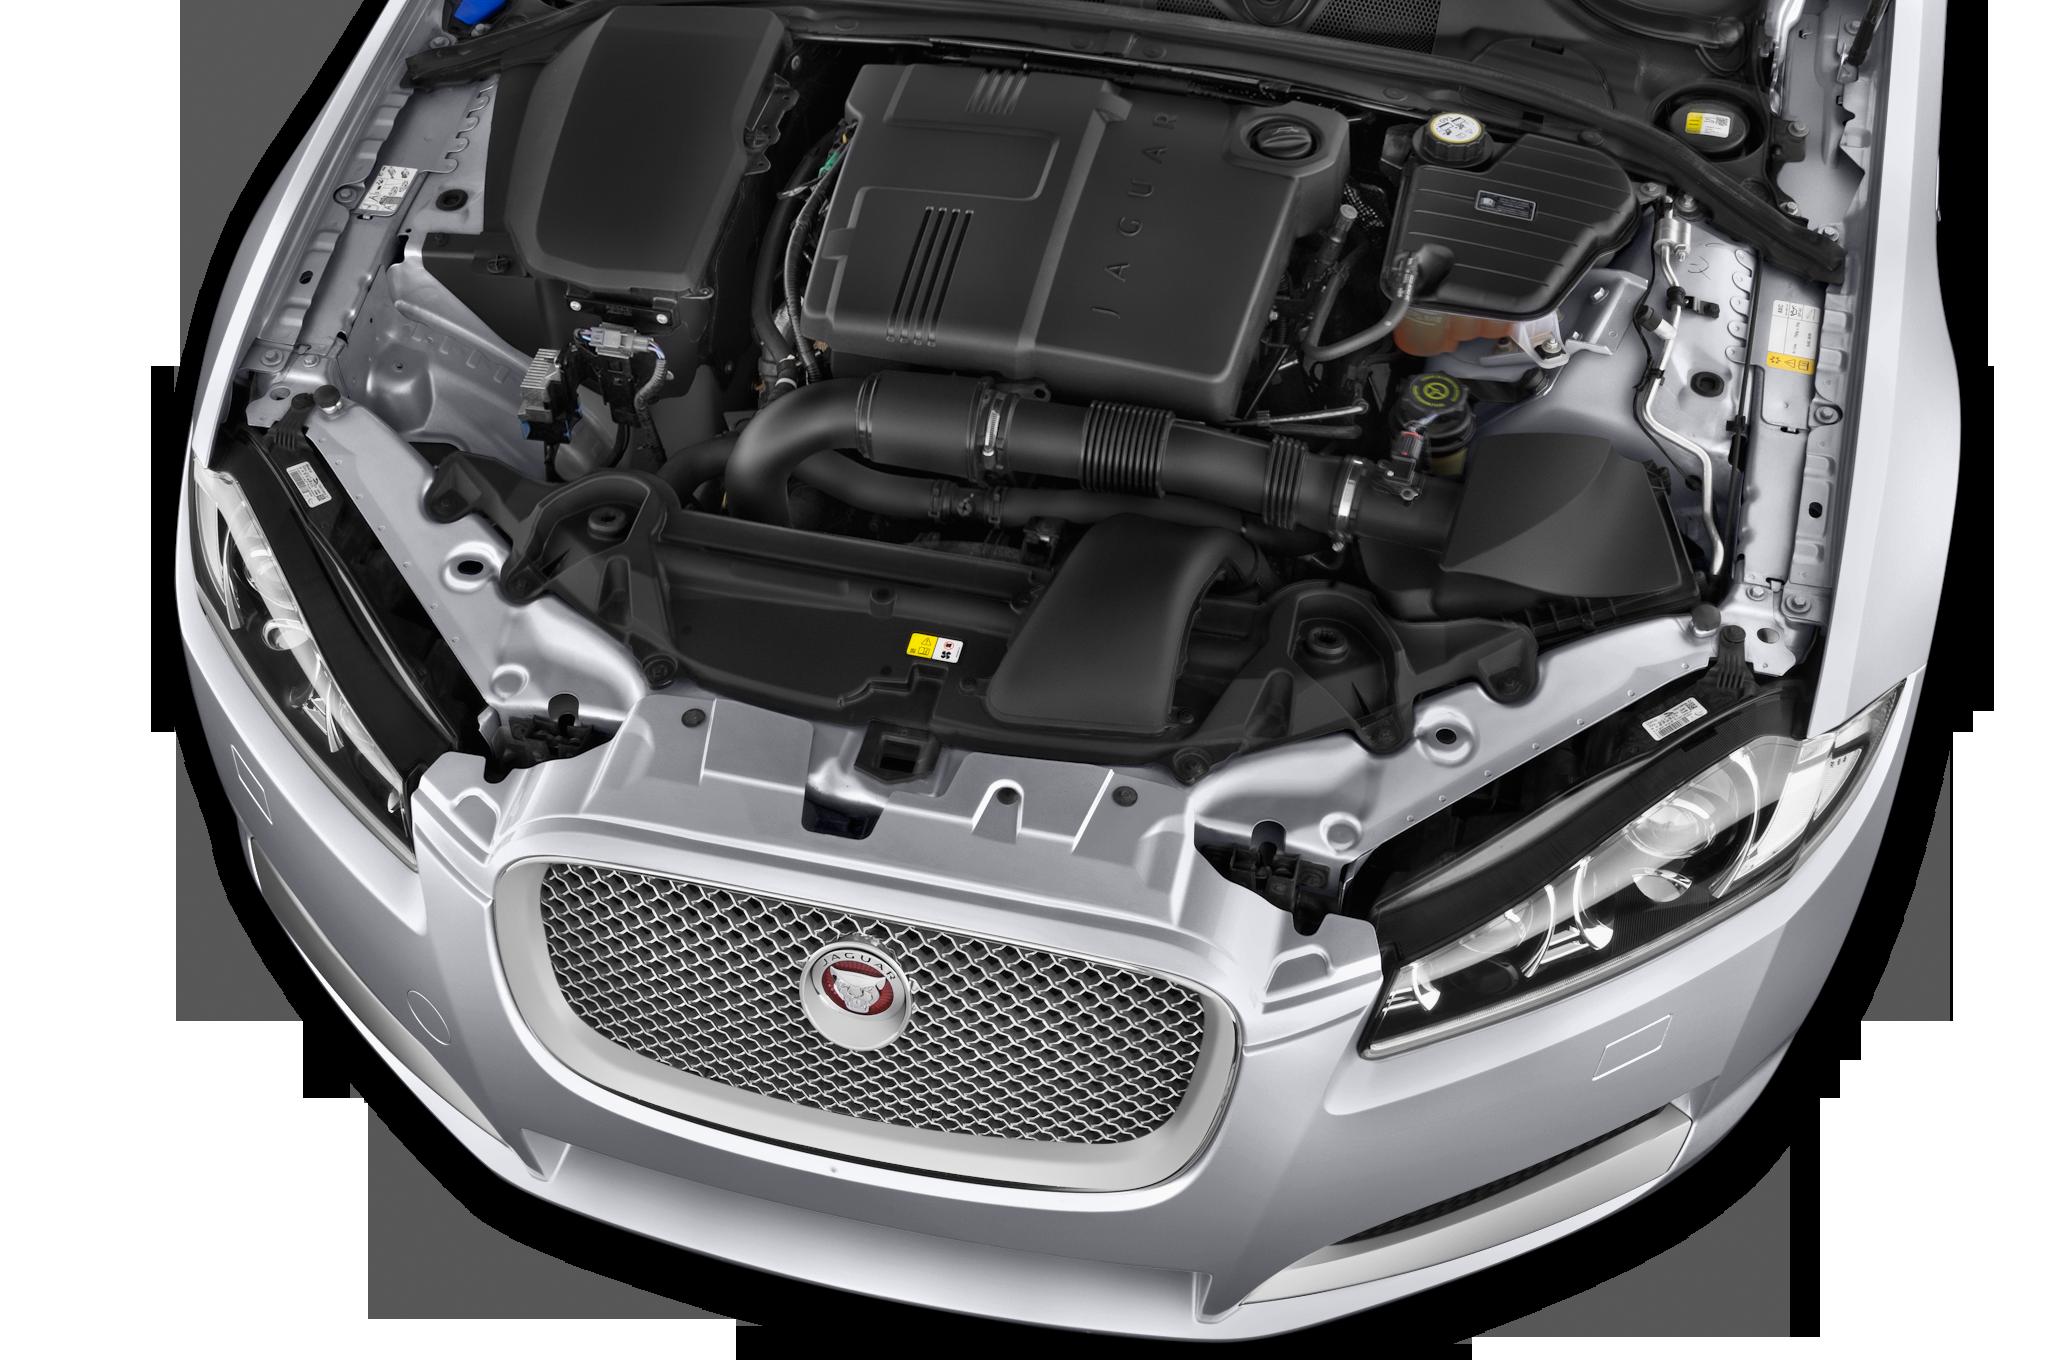 Jaguar Xf I Sedan Engine